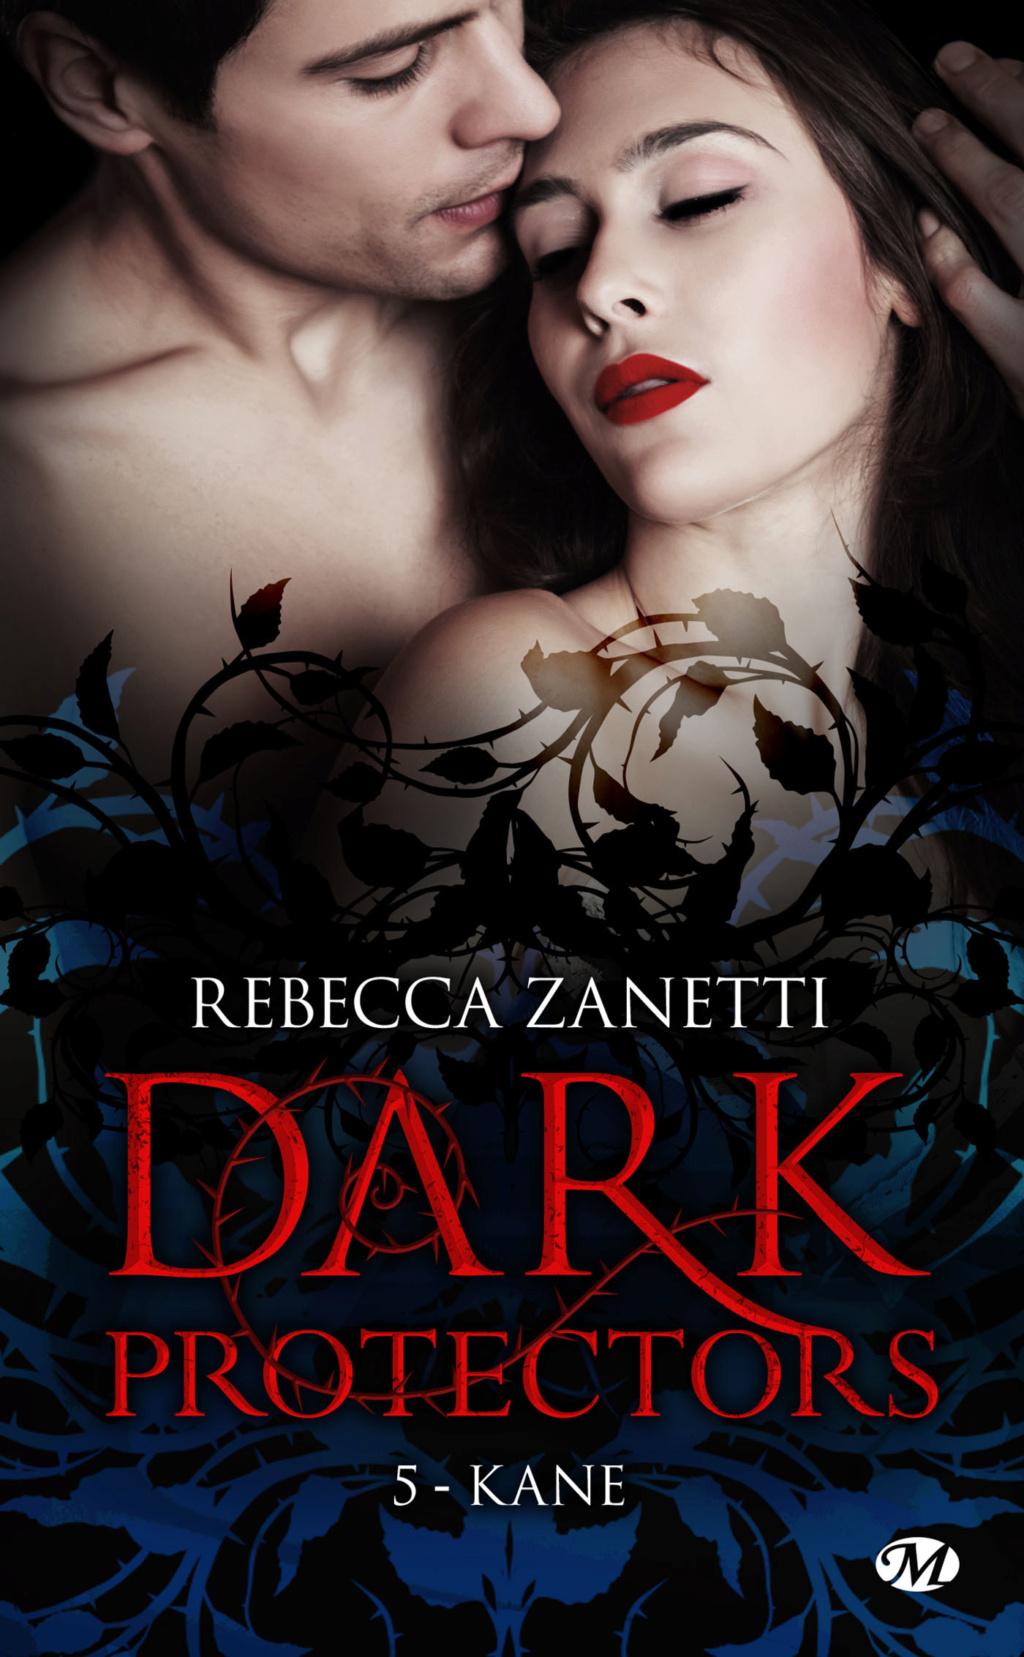 Dark Protectors - Tome 5 : Kane de Rebecca Zanetti Dark-p19